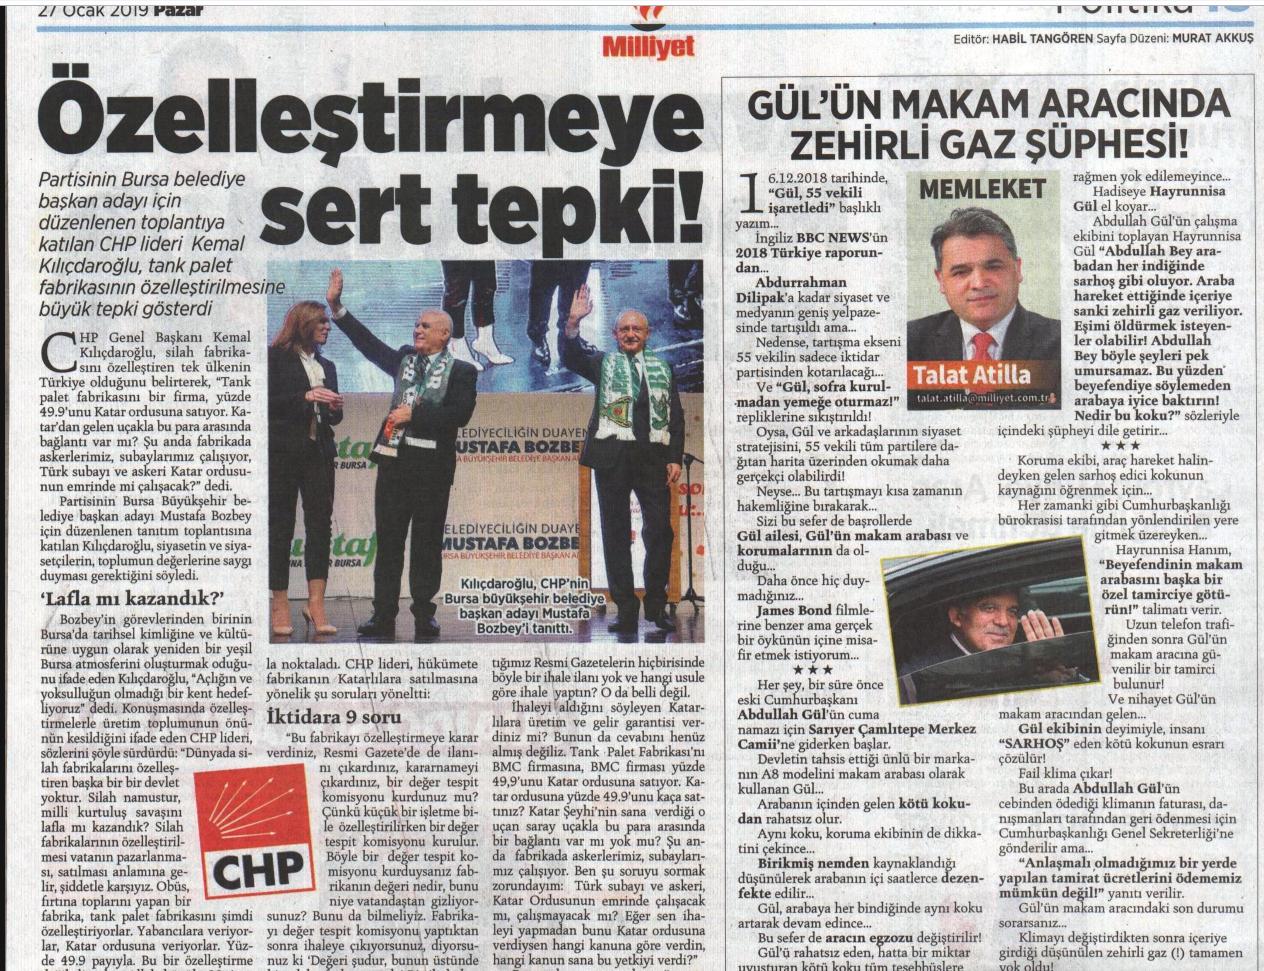 Talat Atilla'nın yazısı, 27 Ocak'ta yayımlanmıştı. Yazı daha sonra Milliyet'in internet sitesinden kaldırıldı.